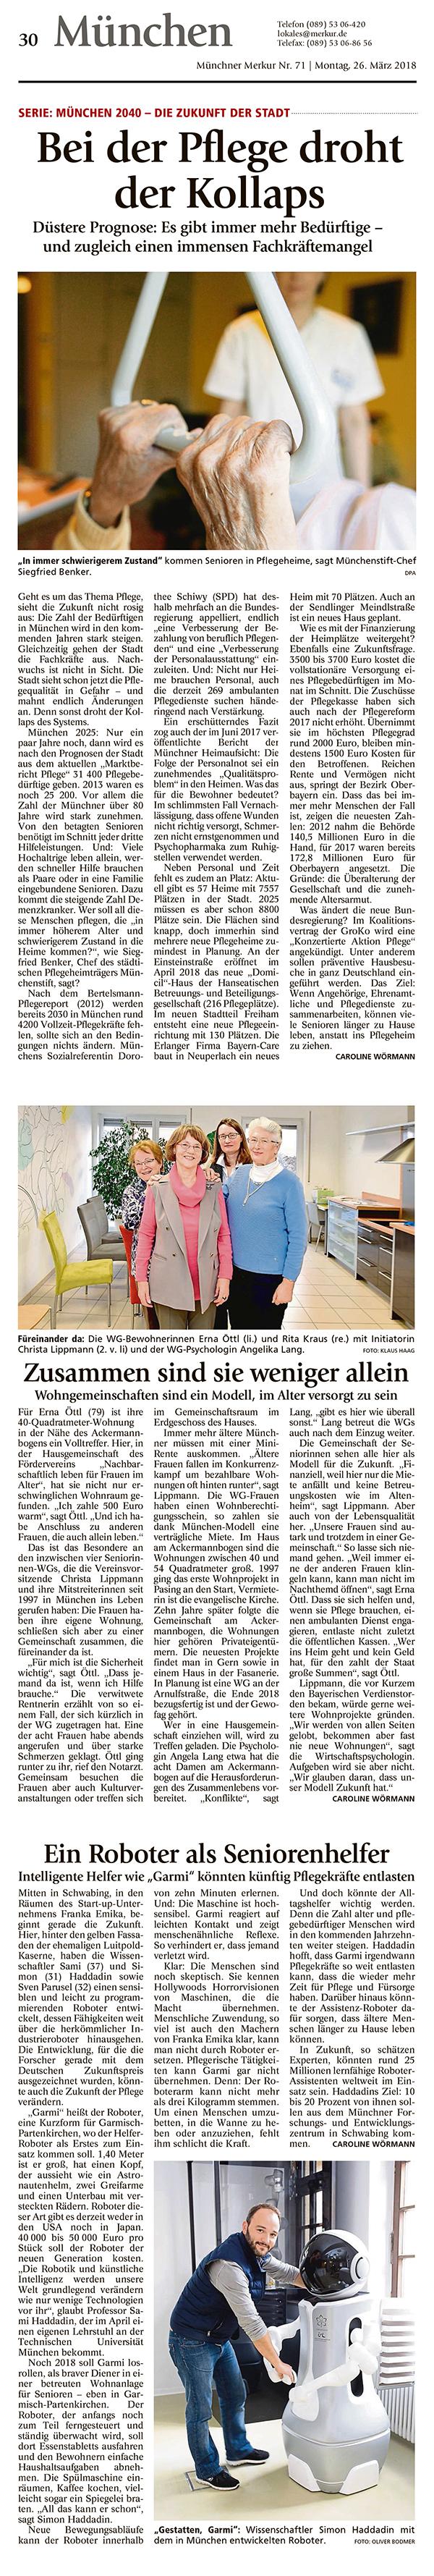 Presseartikel Münchner Merkur über Pflegenotstand ...